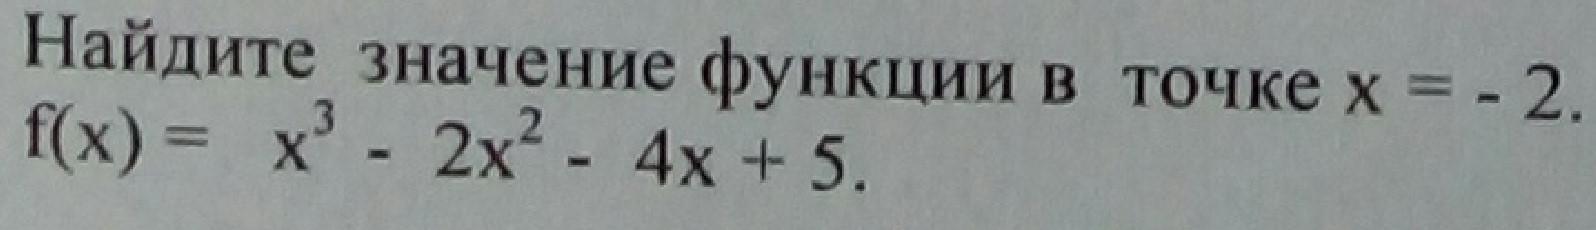 Найдите значение функции x= -2 f(x) = x^3 - 2x^2 -